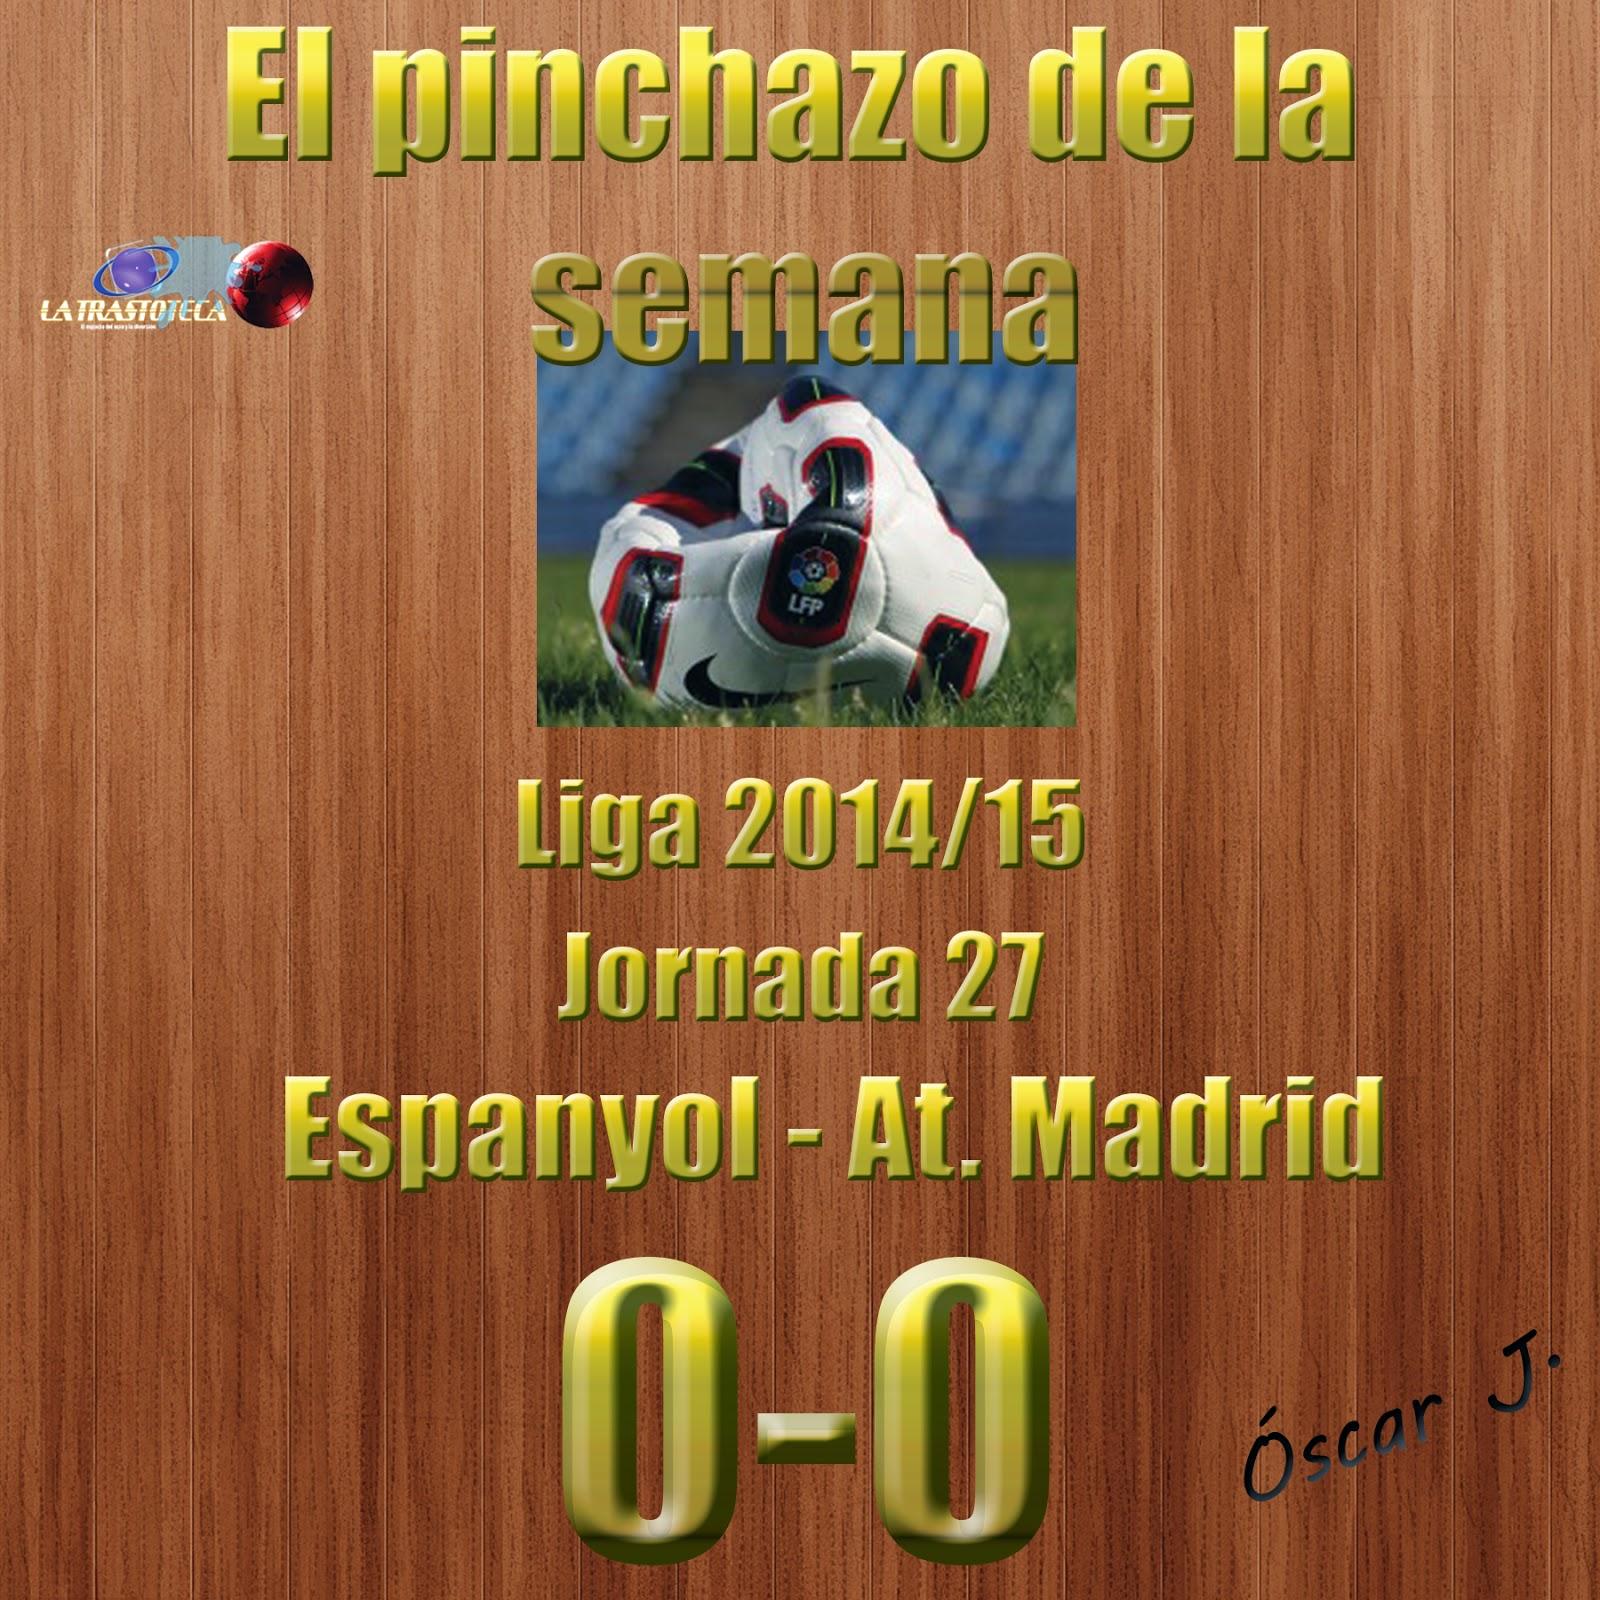 Espanyol 0-0 Atlético de Madrid. Liga 2014/15. Jornada 27. El pinchazo de la semana.